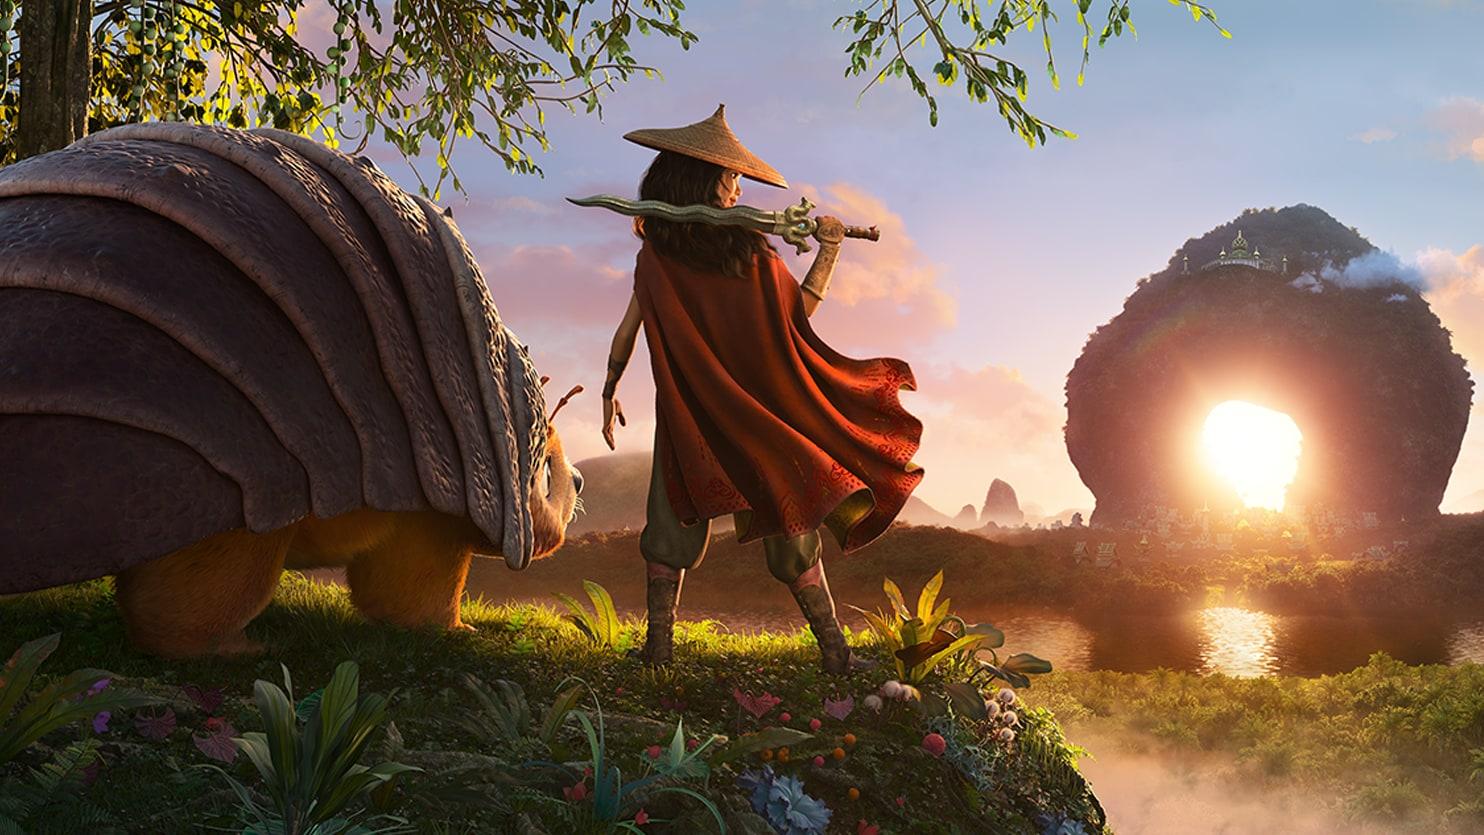 Cena do filme Raya e o Último Dragão com a personagem principal, Raya, no centro da imagem e de costas para a tela, veste uma capa vermelha e chapéu. Ela está segurando uma espada e apoiando-a em seu ombro. Ao seu lado esquerdo encontra-se Tuk Tuk, animal parte tatu, parte urso que é parceiro de Raya.